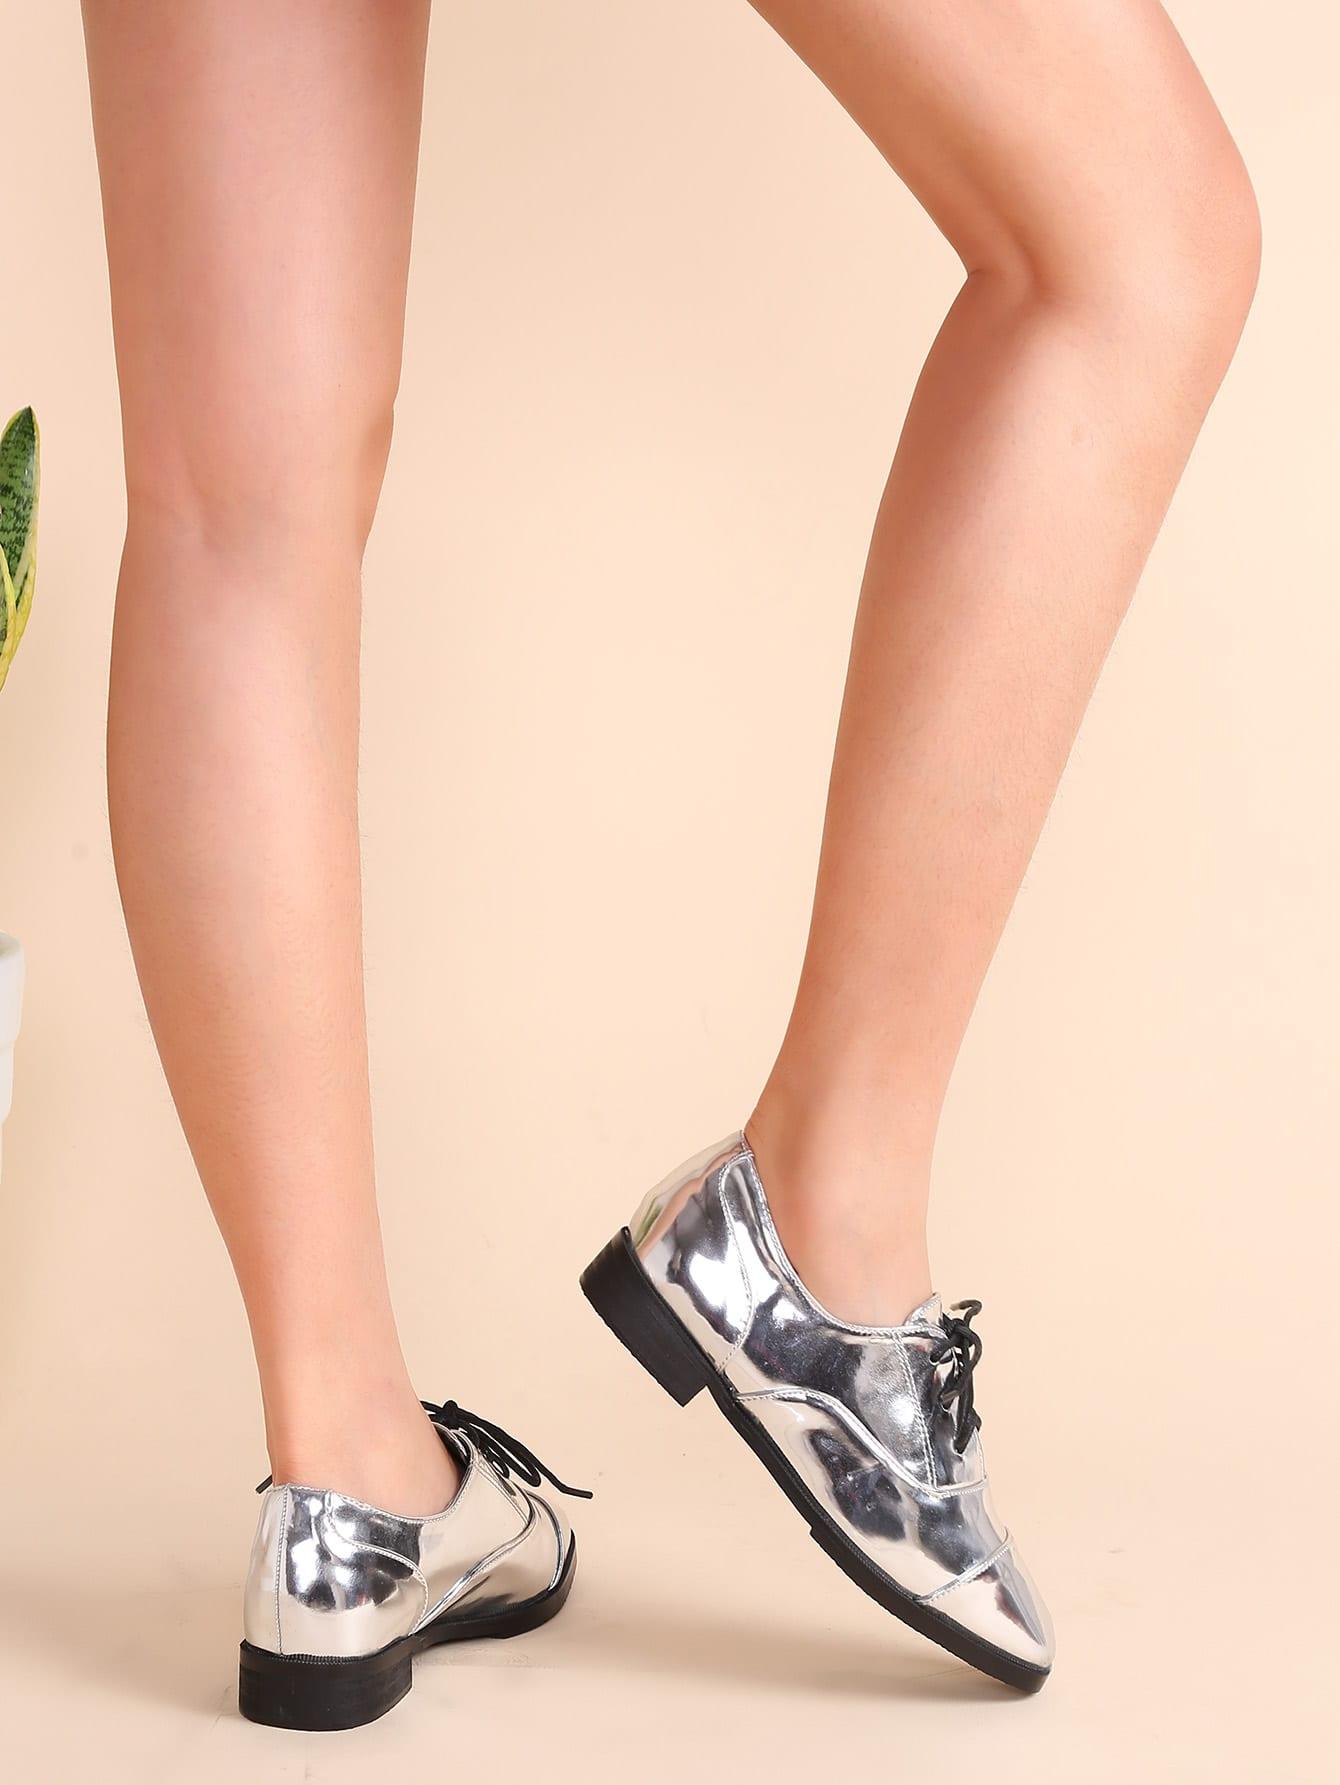 shoes161209802_2